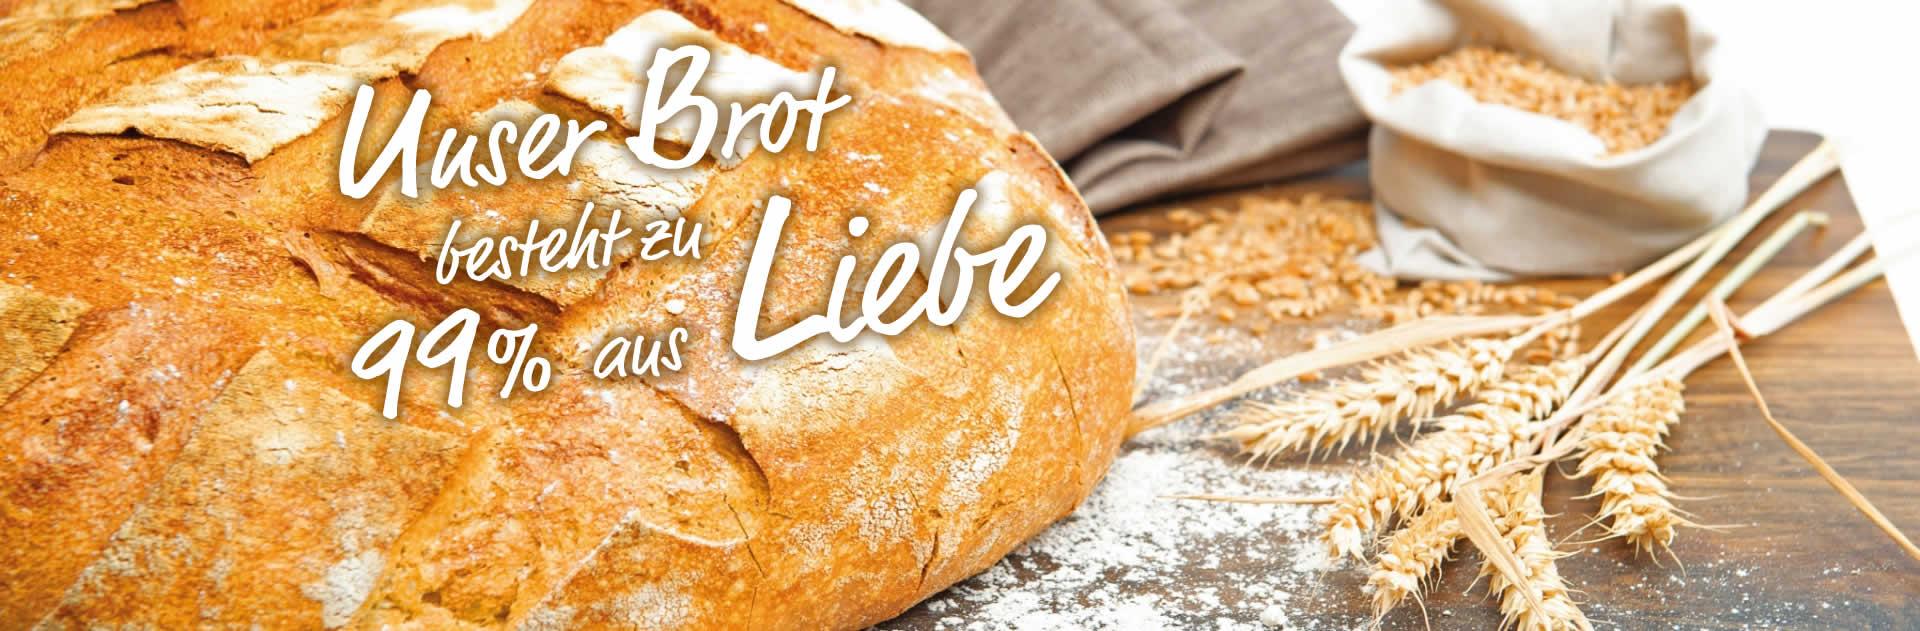 Startseite Brot und Getreide